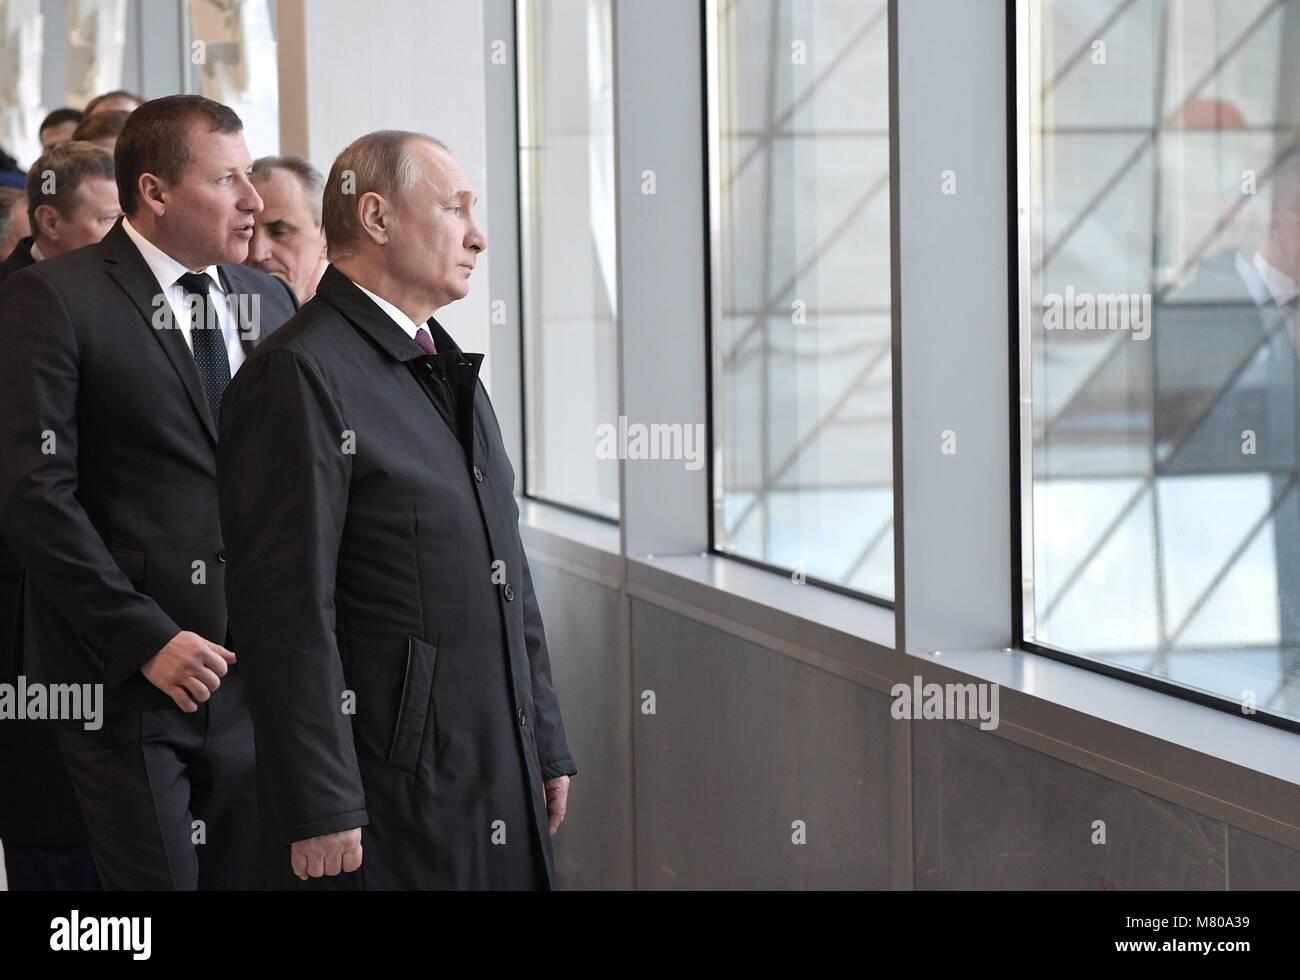 Simferopol, Russia. 14th Mar, 2018. SIMFEROPOL, CRIMEA, RUSSIA - MARCH 14, 2018: Russia's President Vladimir - Stock Image